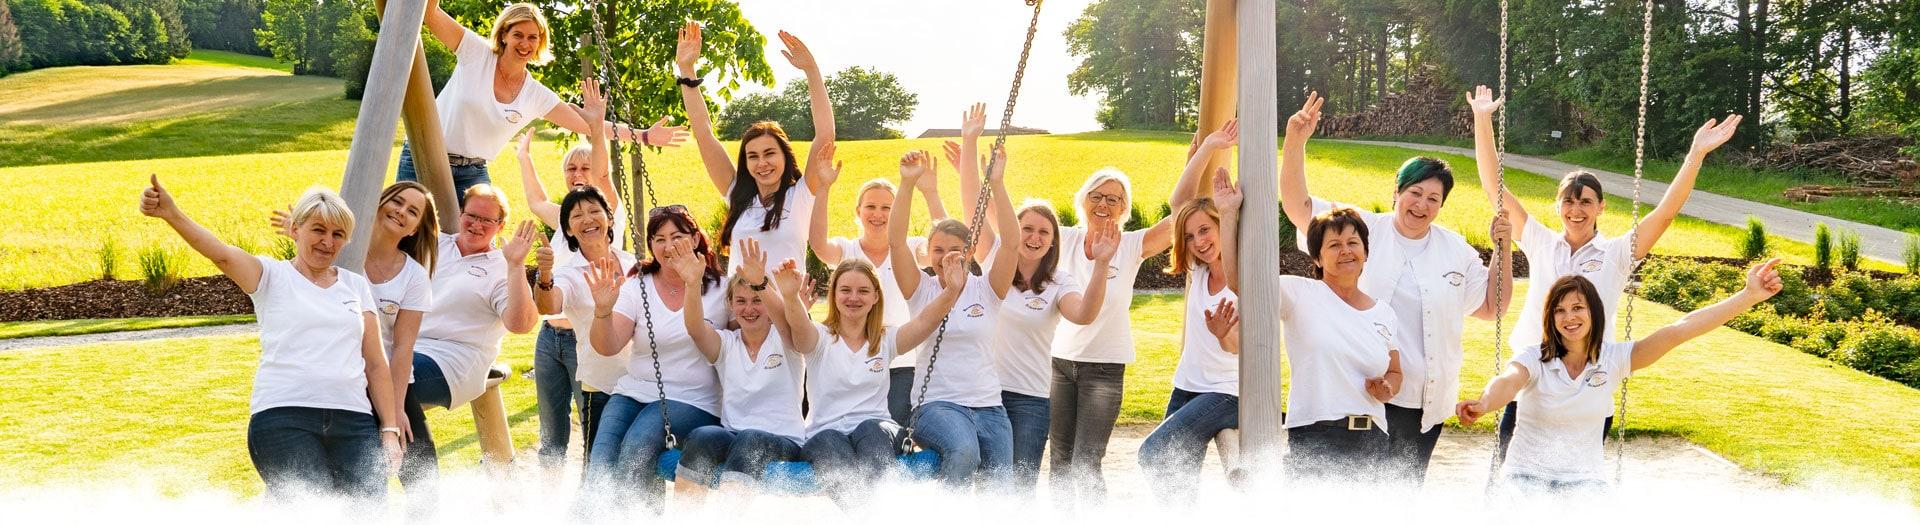 Gruppenfoto Bauernkrapfen-Schleiferei Team